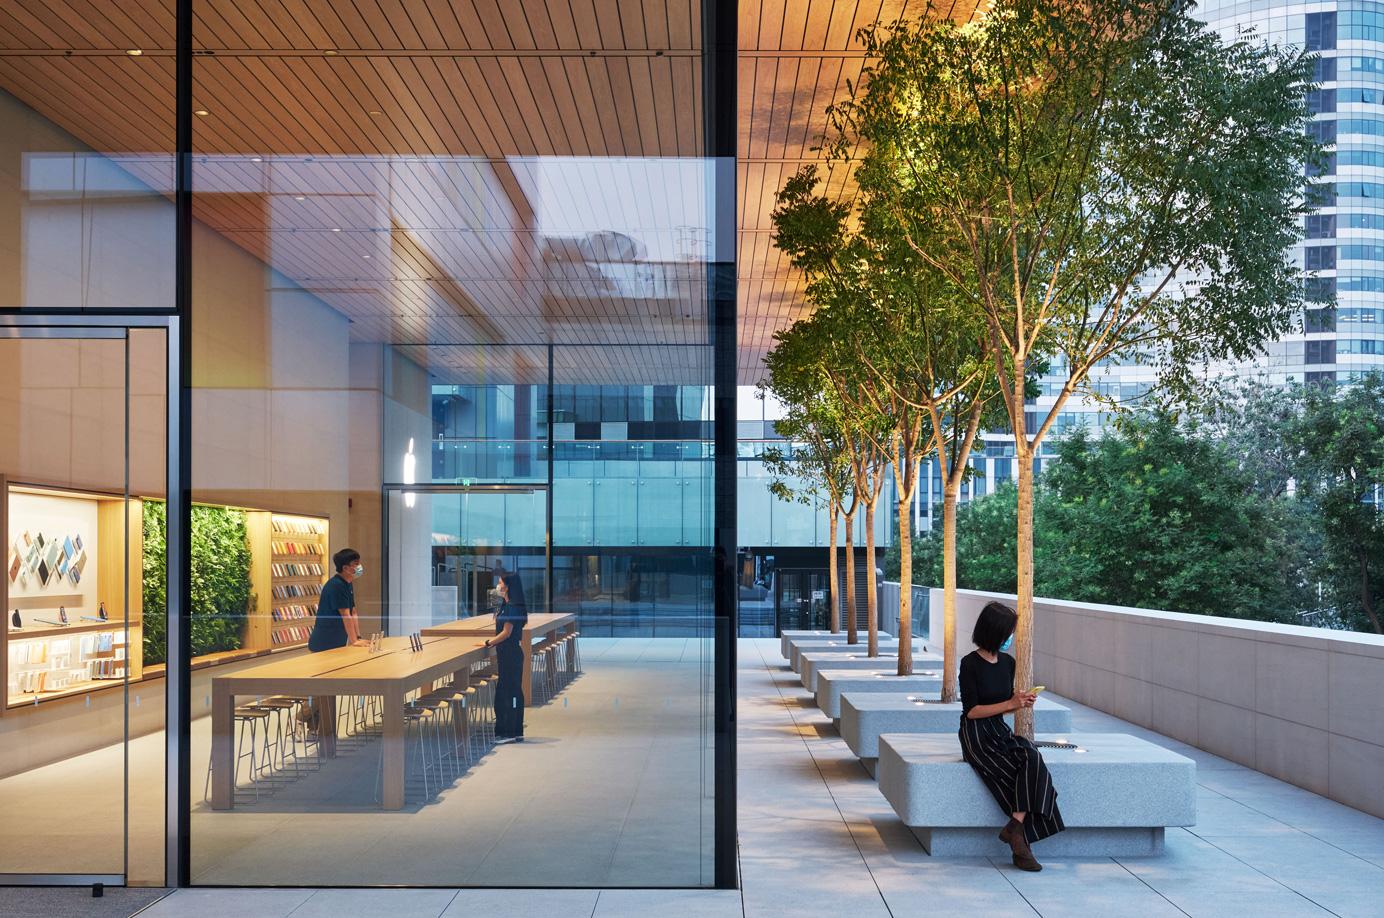 Cina, il nuovo store Apple Sanlitun apre oggi